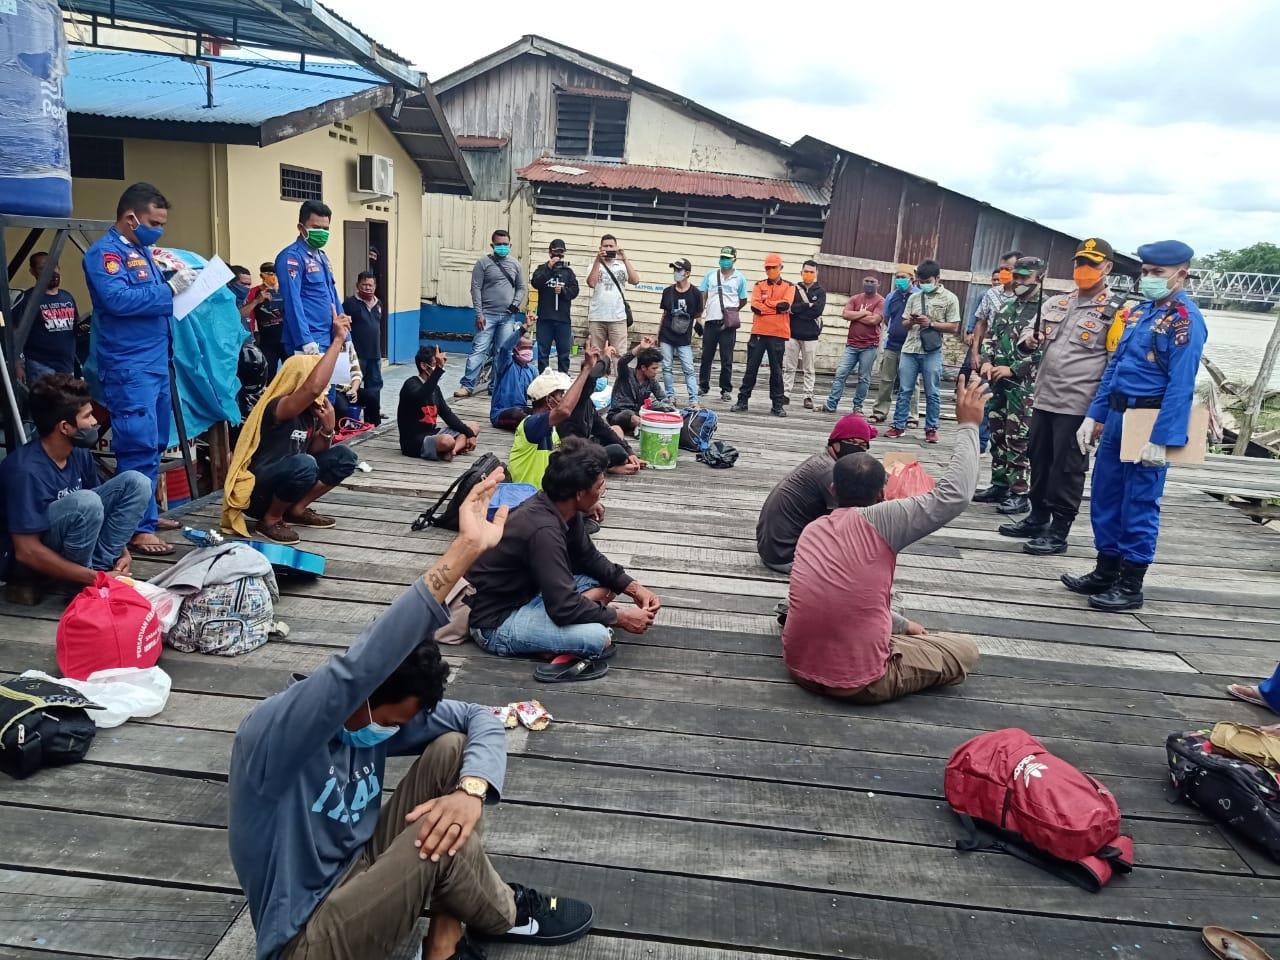 https: img.okezone.com content 2020 05 01 608 2207936 pulang-dari-malaysia-13-pekerja-migran-ilegal-ditelantarkan-di-hutan-bakau-lMdDIqidtl.jpeg